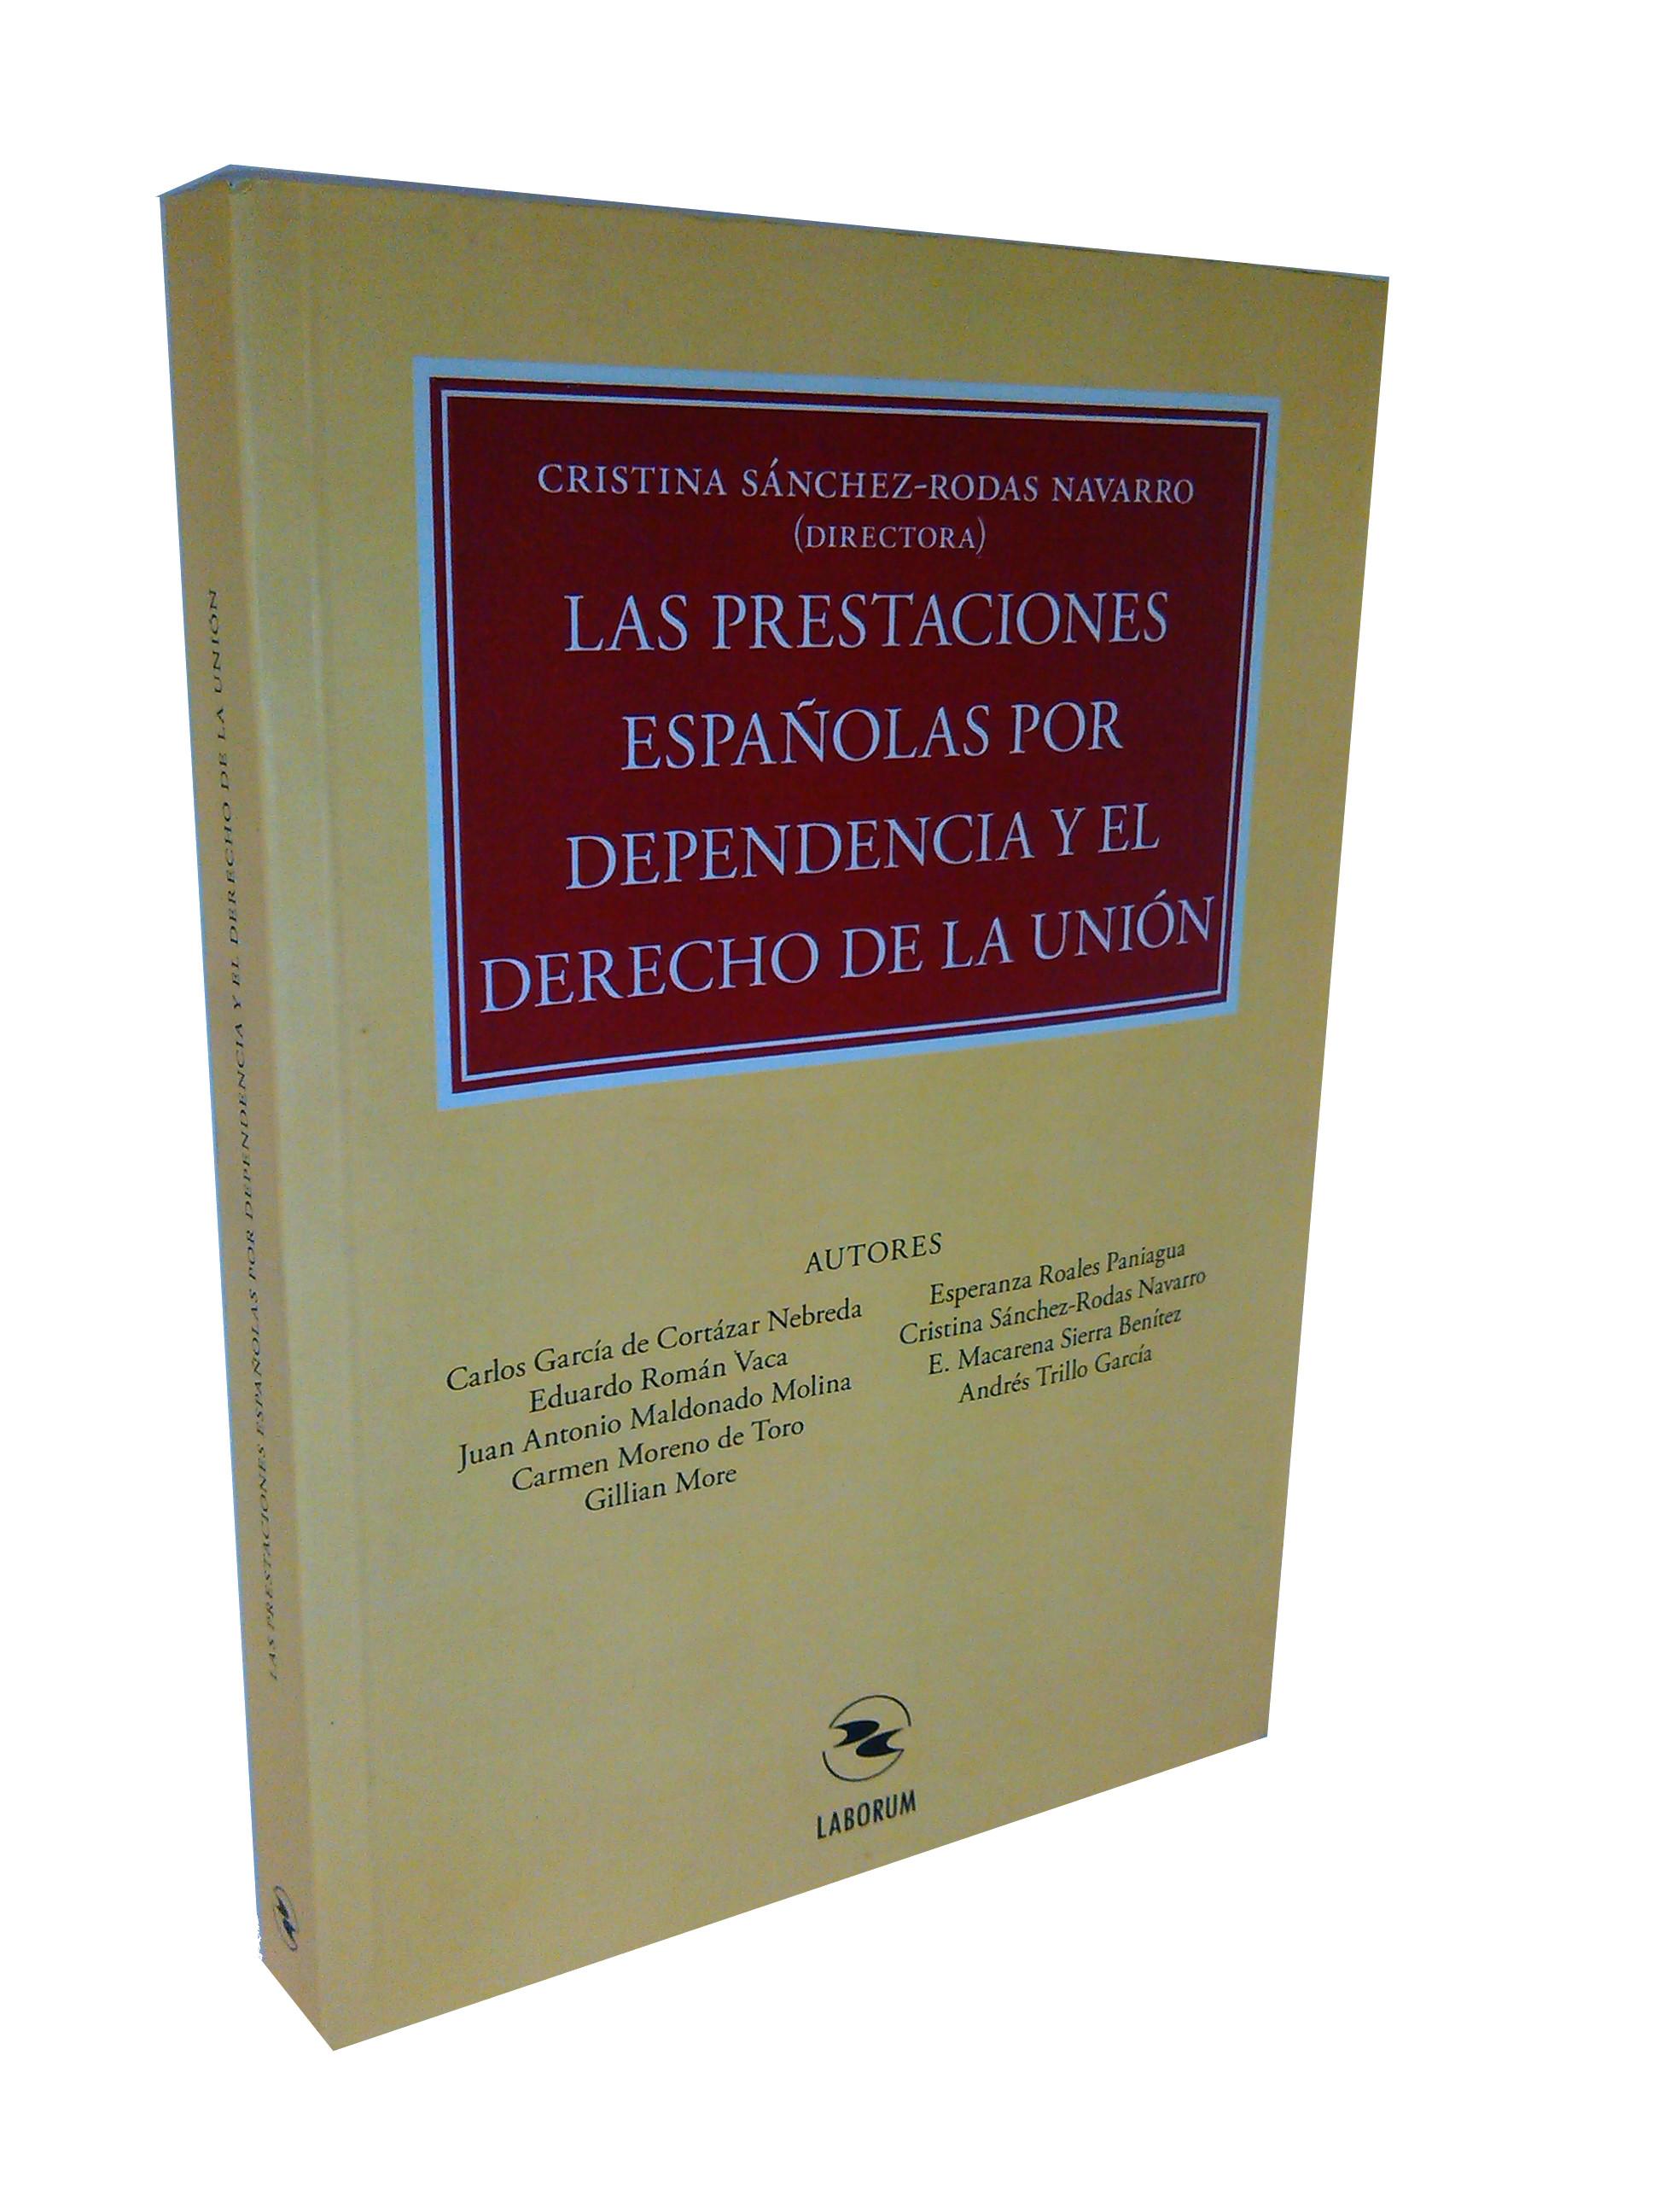 Las prestaciones españolas por dependencia y el derecho de la unión